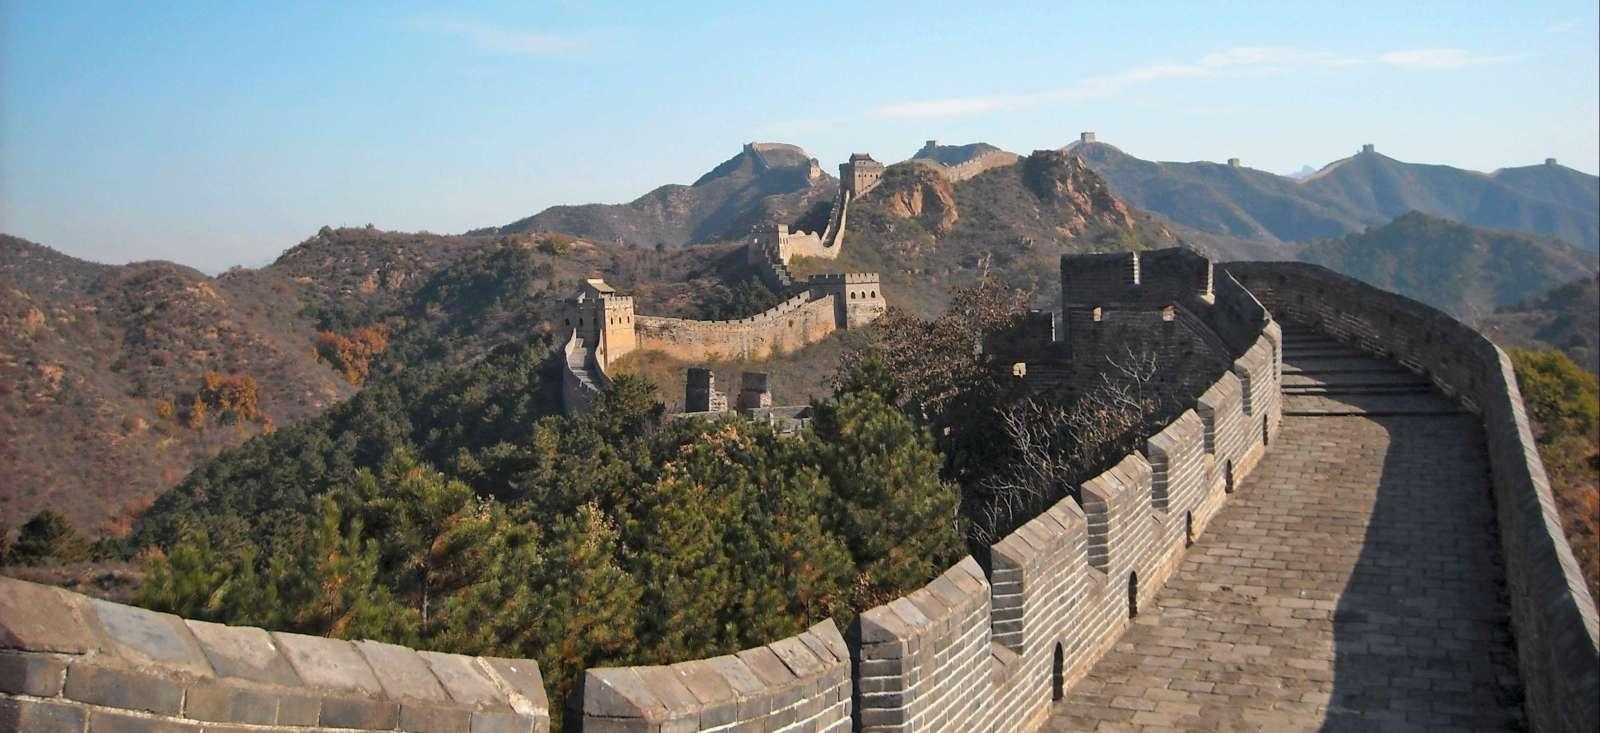 Voyage à pied : A la conquête de la Grande Muraille à pied